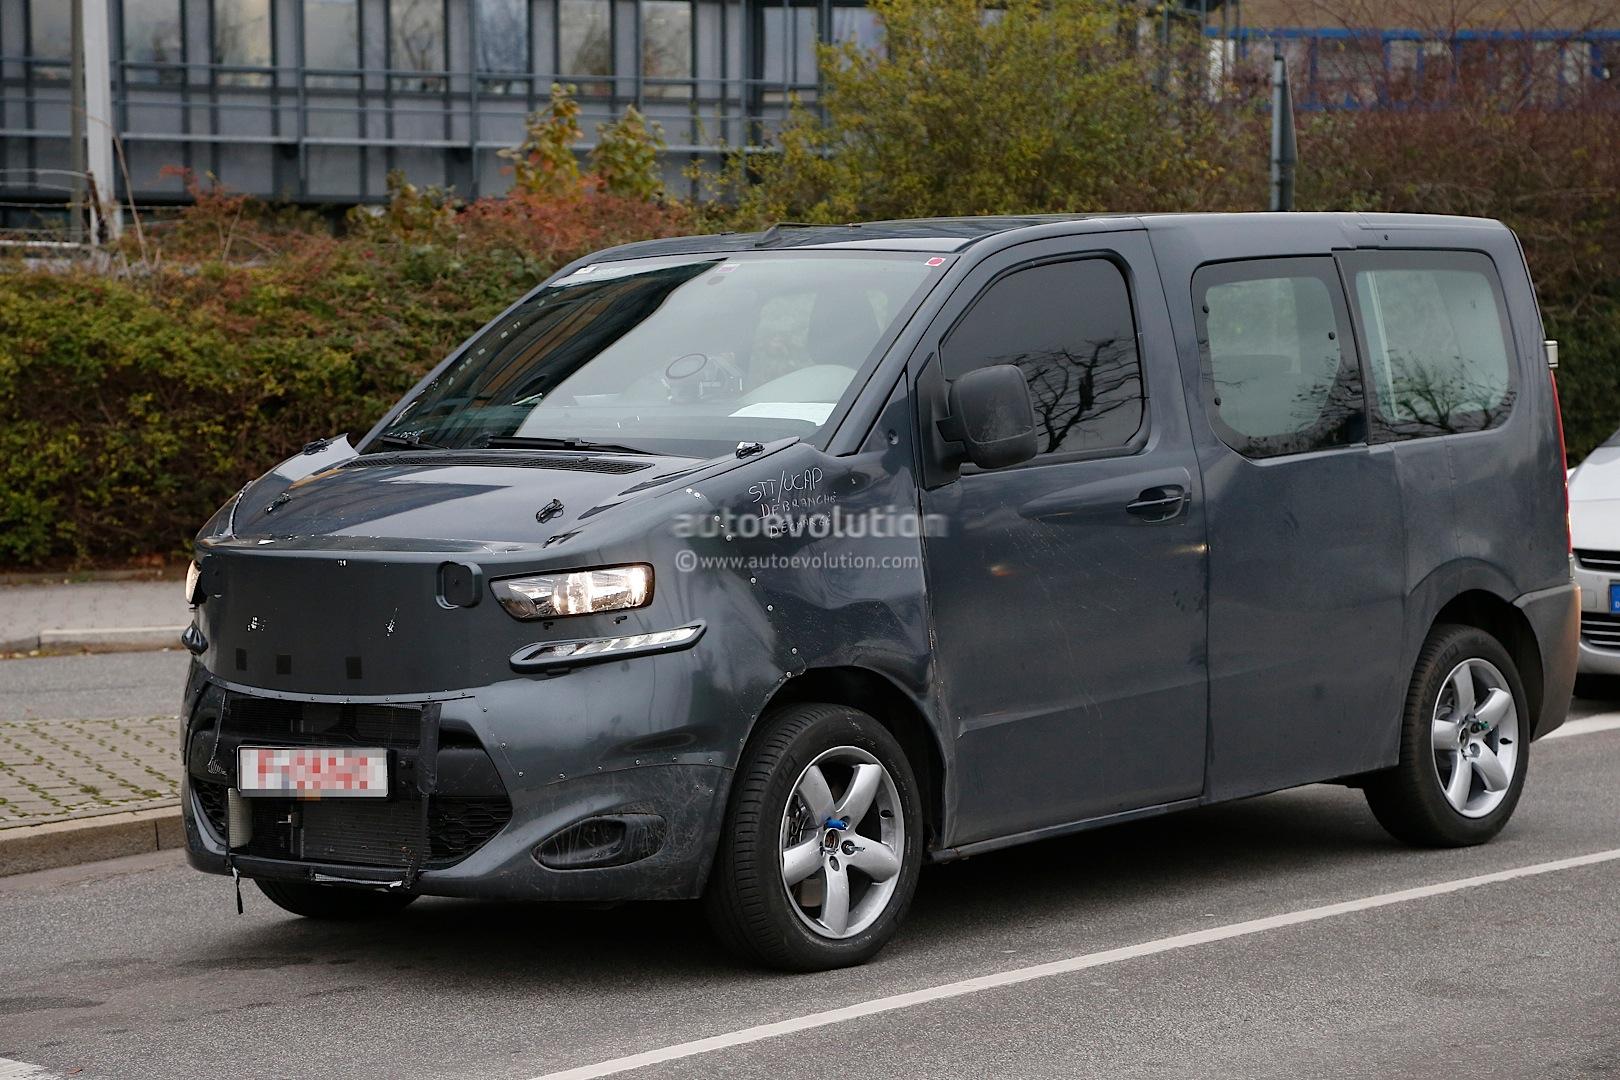 [SUJET OFFICIEL] Citroën SpaceTourer - Page 3 Spyshots-new-citroen-jumpy-takes-cues-from-2011-tubik-concept-1080p-1